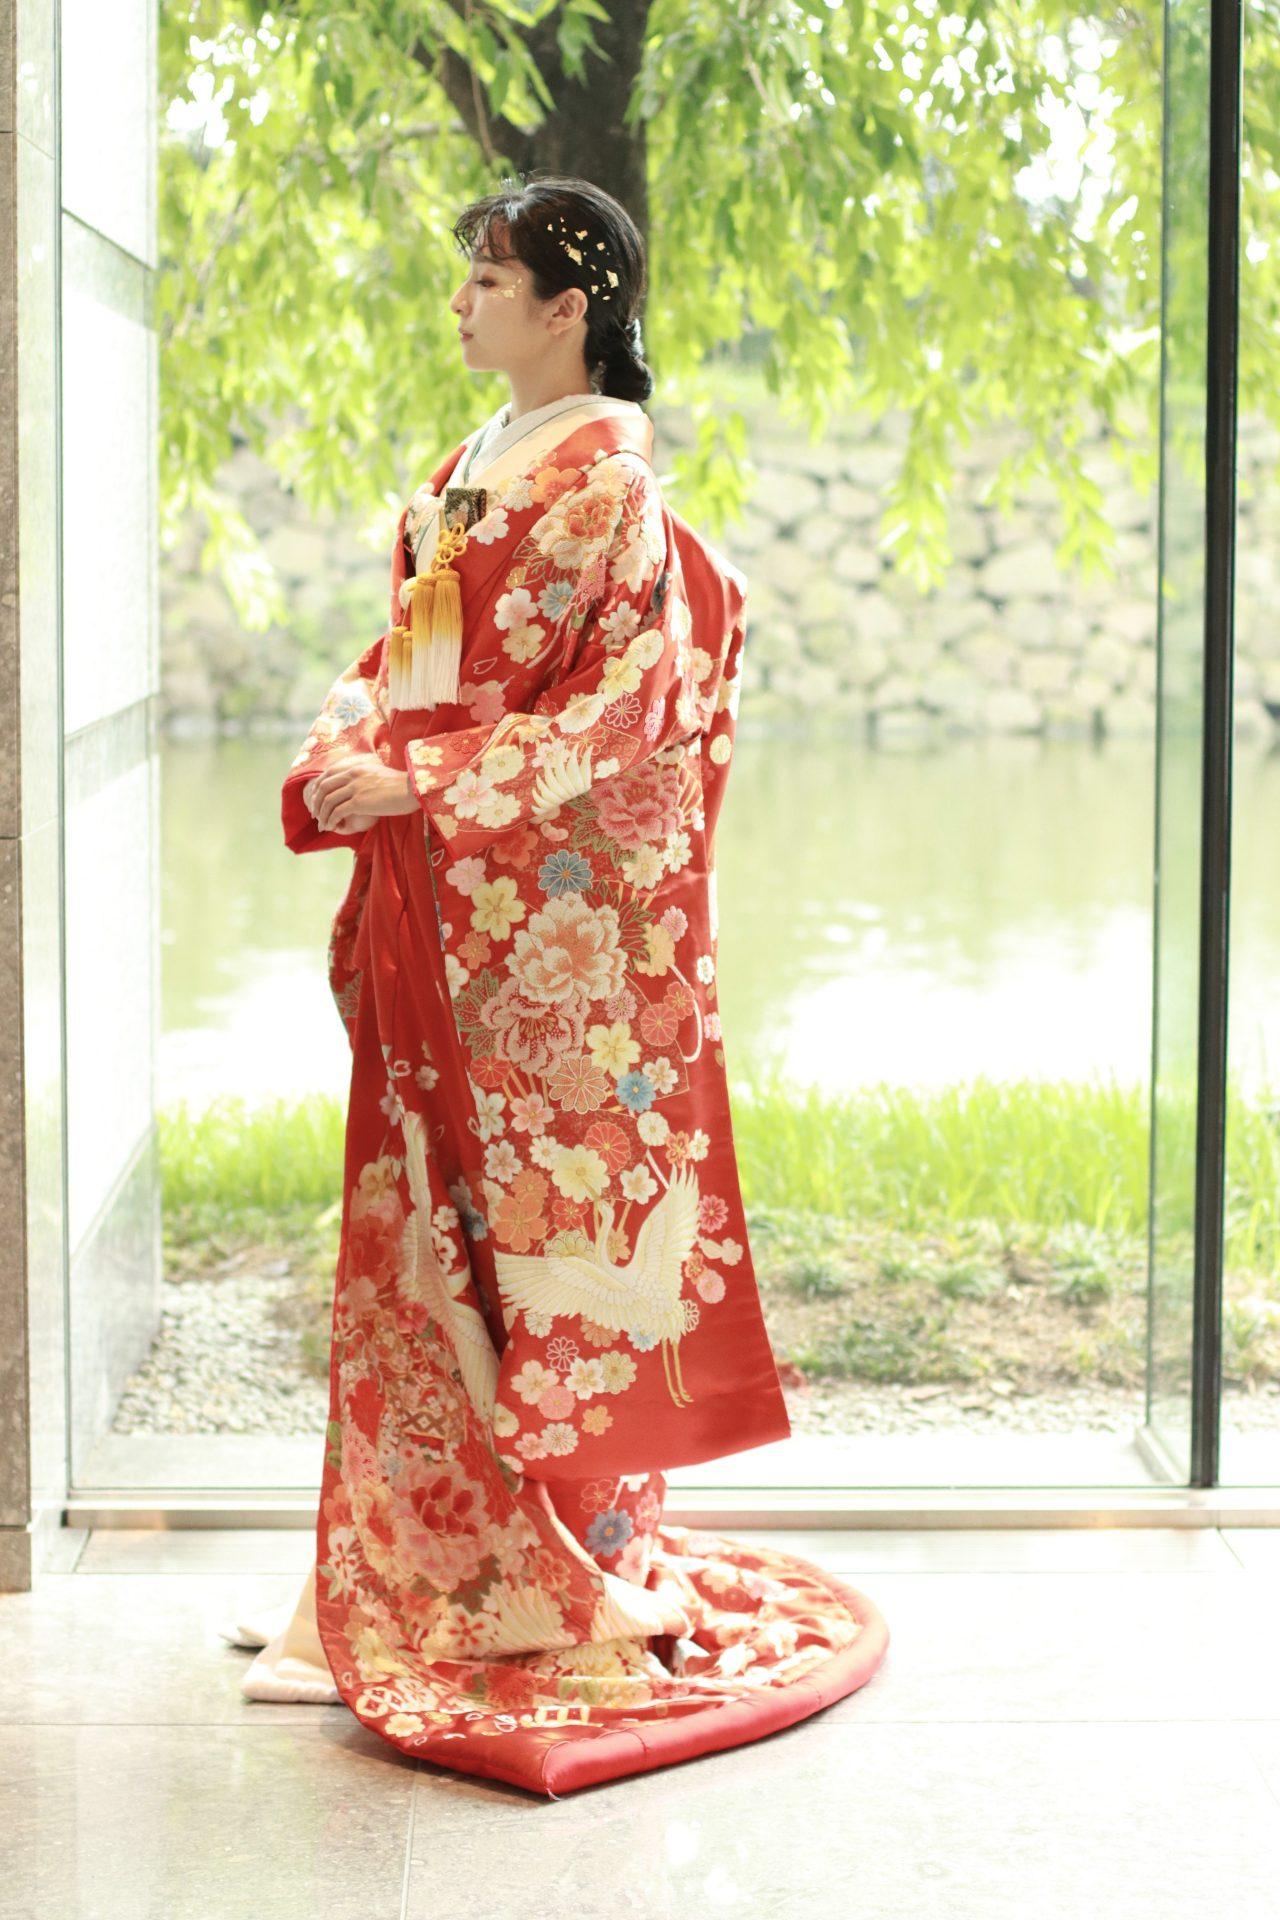 パレスホテル東京におすすめの新作赤字の色打掛、皇居の自然豊かな緑をバックにすると着物の美しさを柔らかく豊かに引き立てます